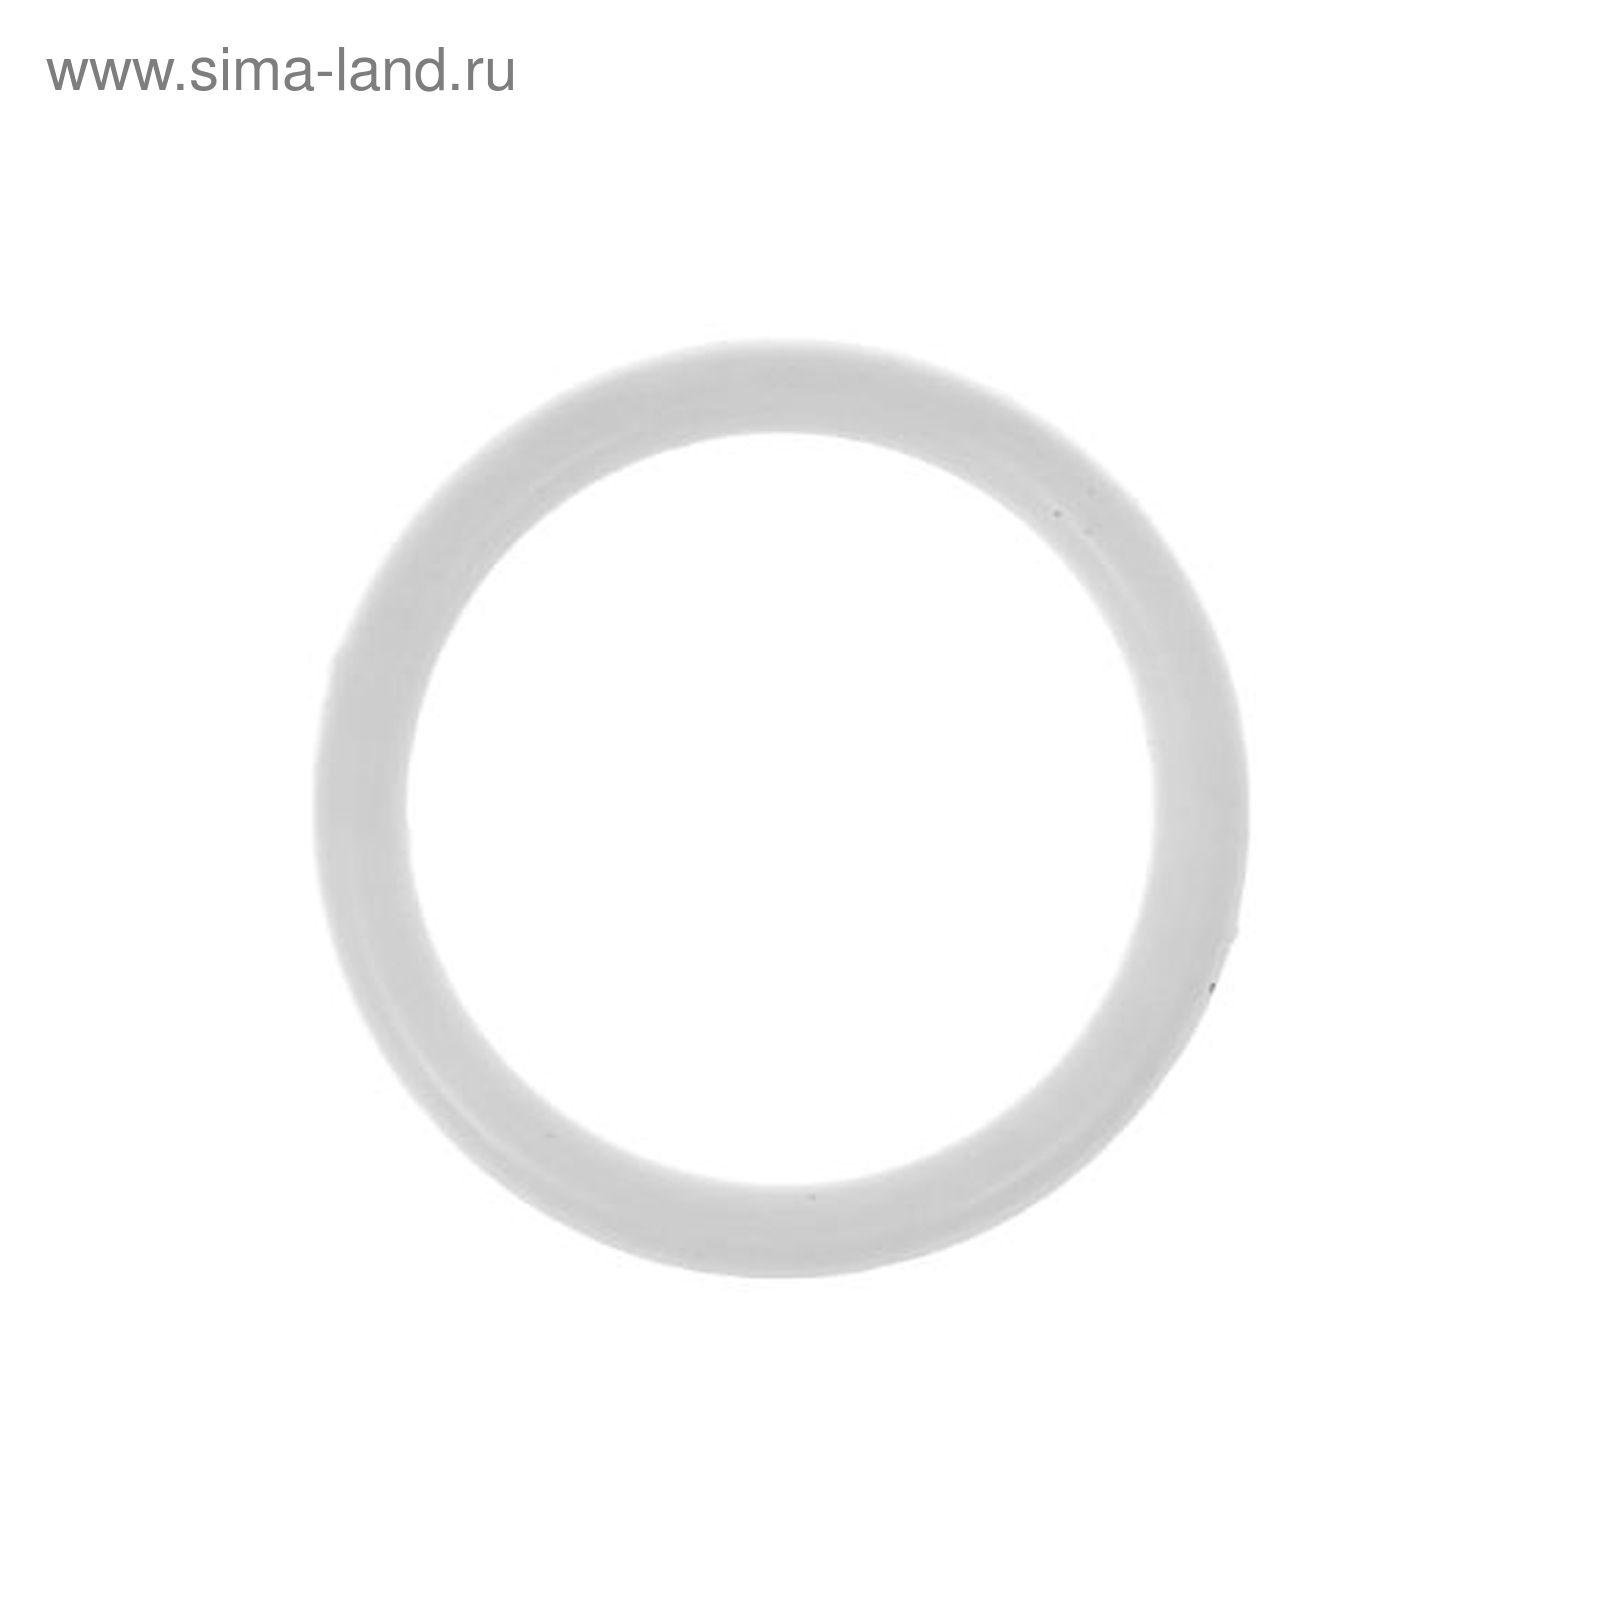 кольца для вязания Rkr 38 D38 мм набор 8шт цвет белый 1183572